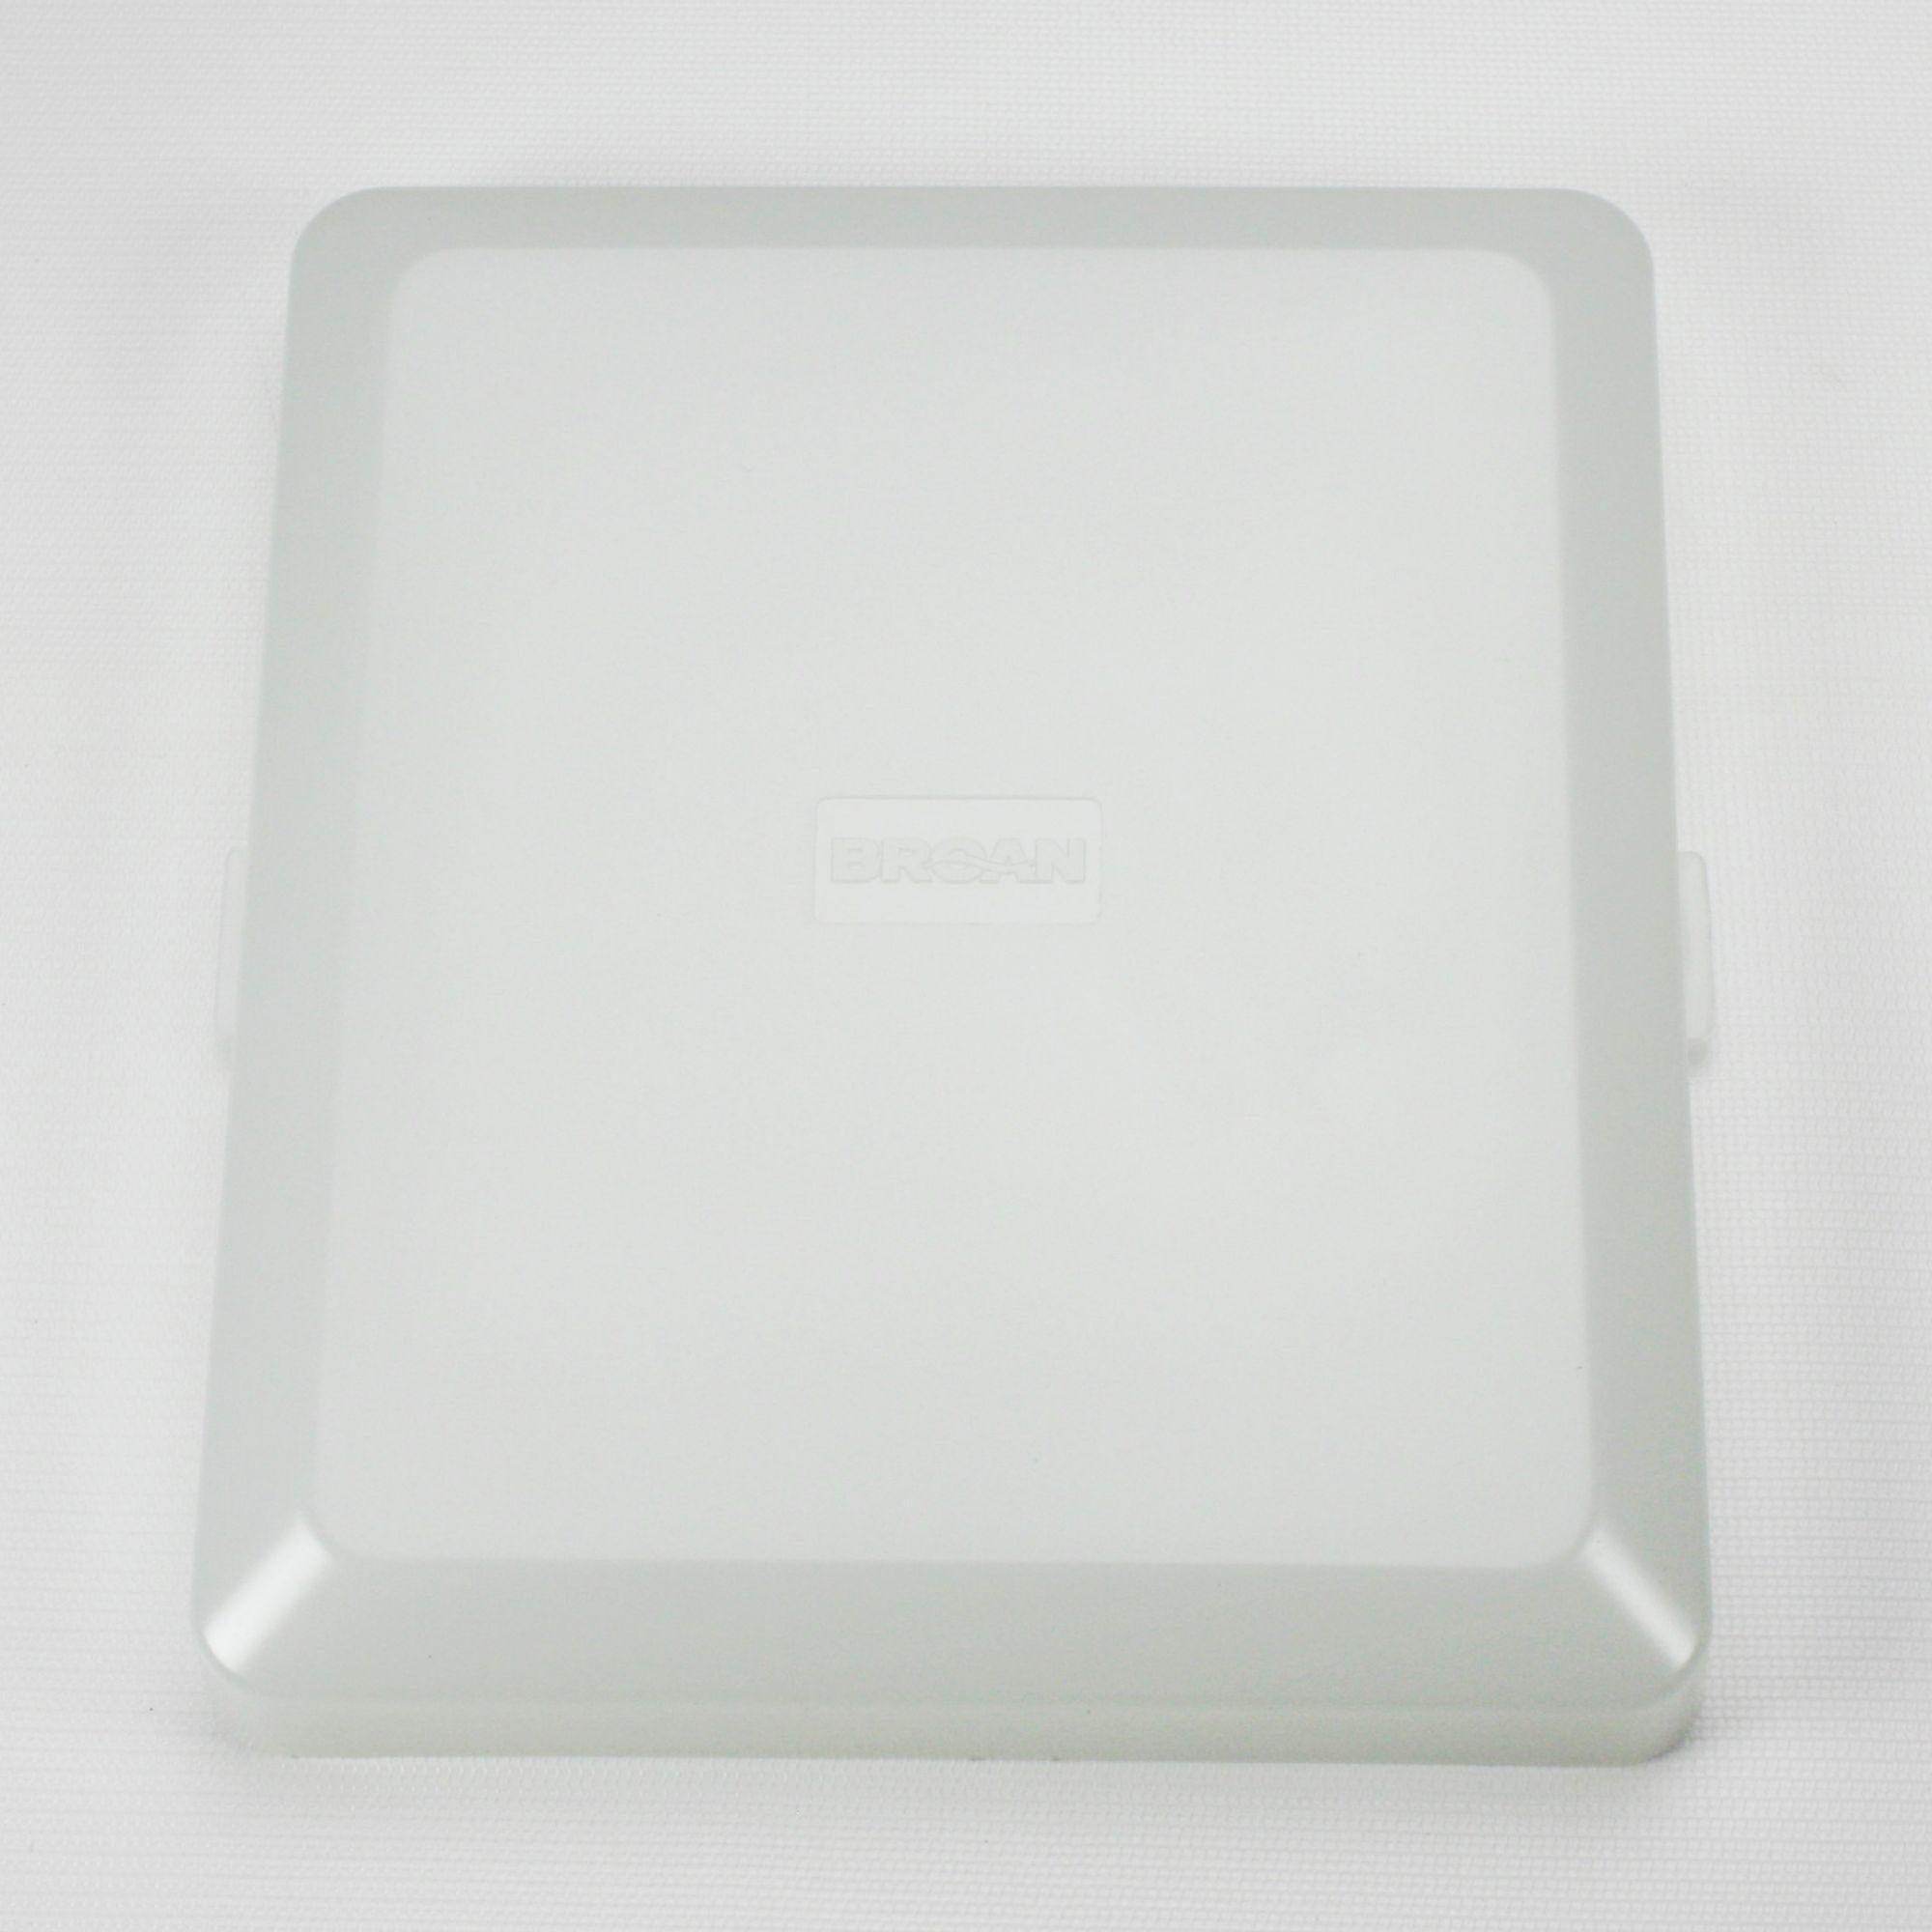 S97013578 For Broan Bath Fan Light Bulb Cover Ebay